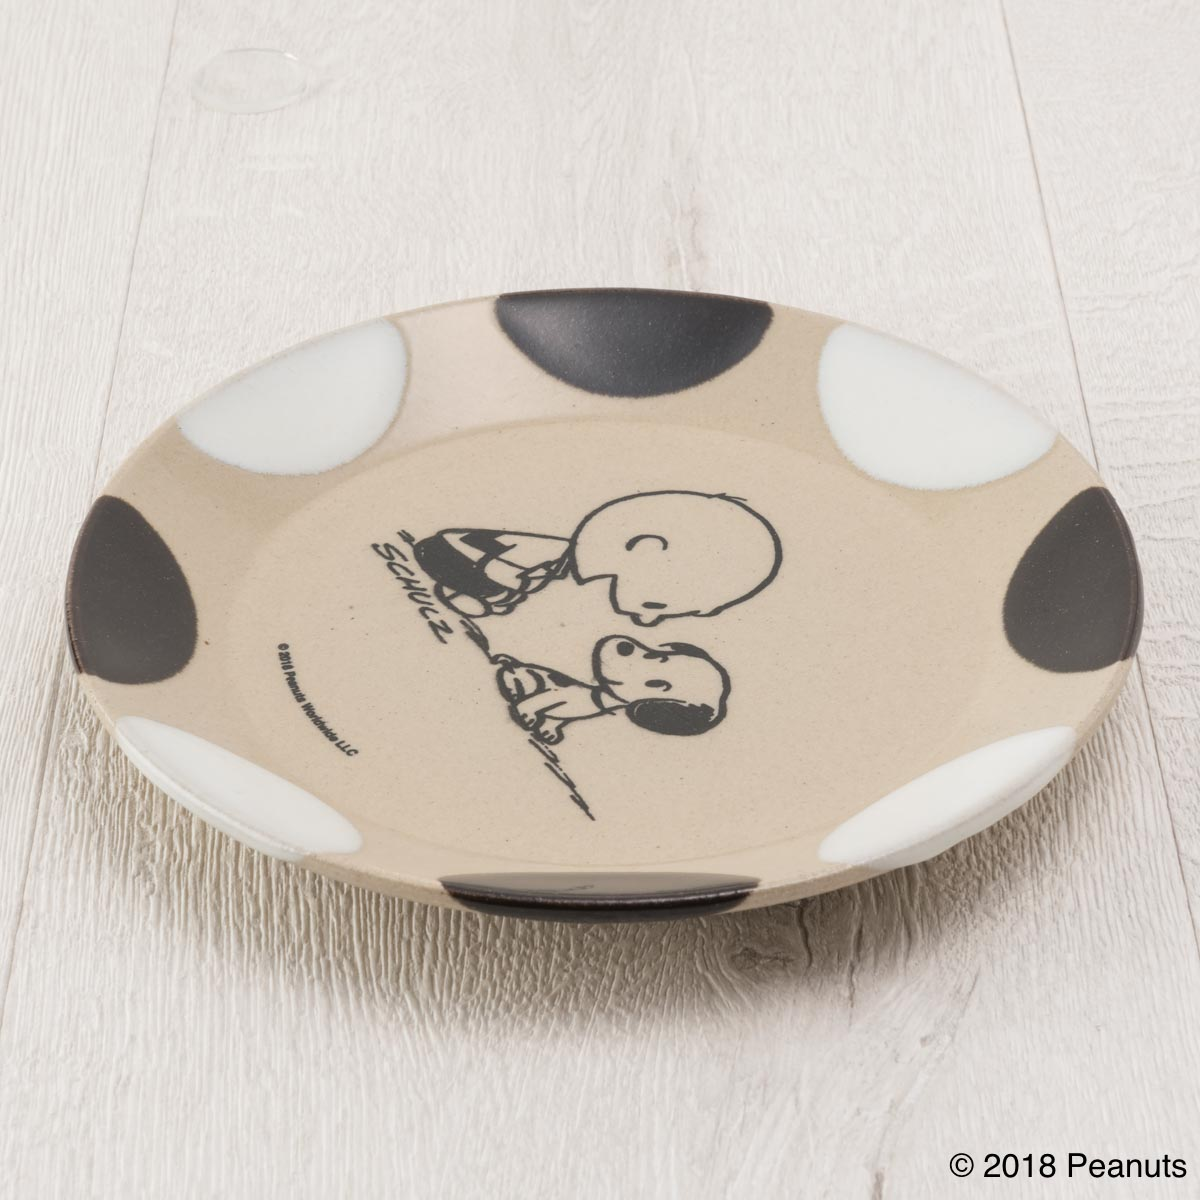 MASHICO プレート17cm PEANUTS [Charlie Brown & Snoopy] ブラック/ホワイト